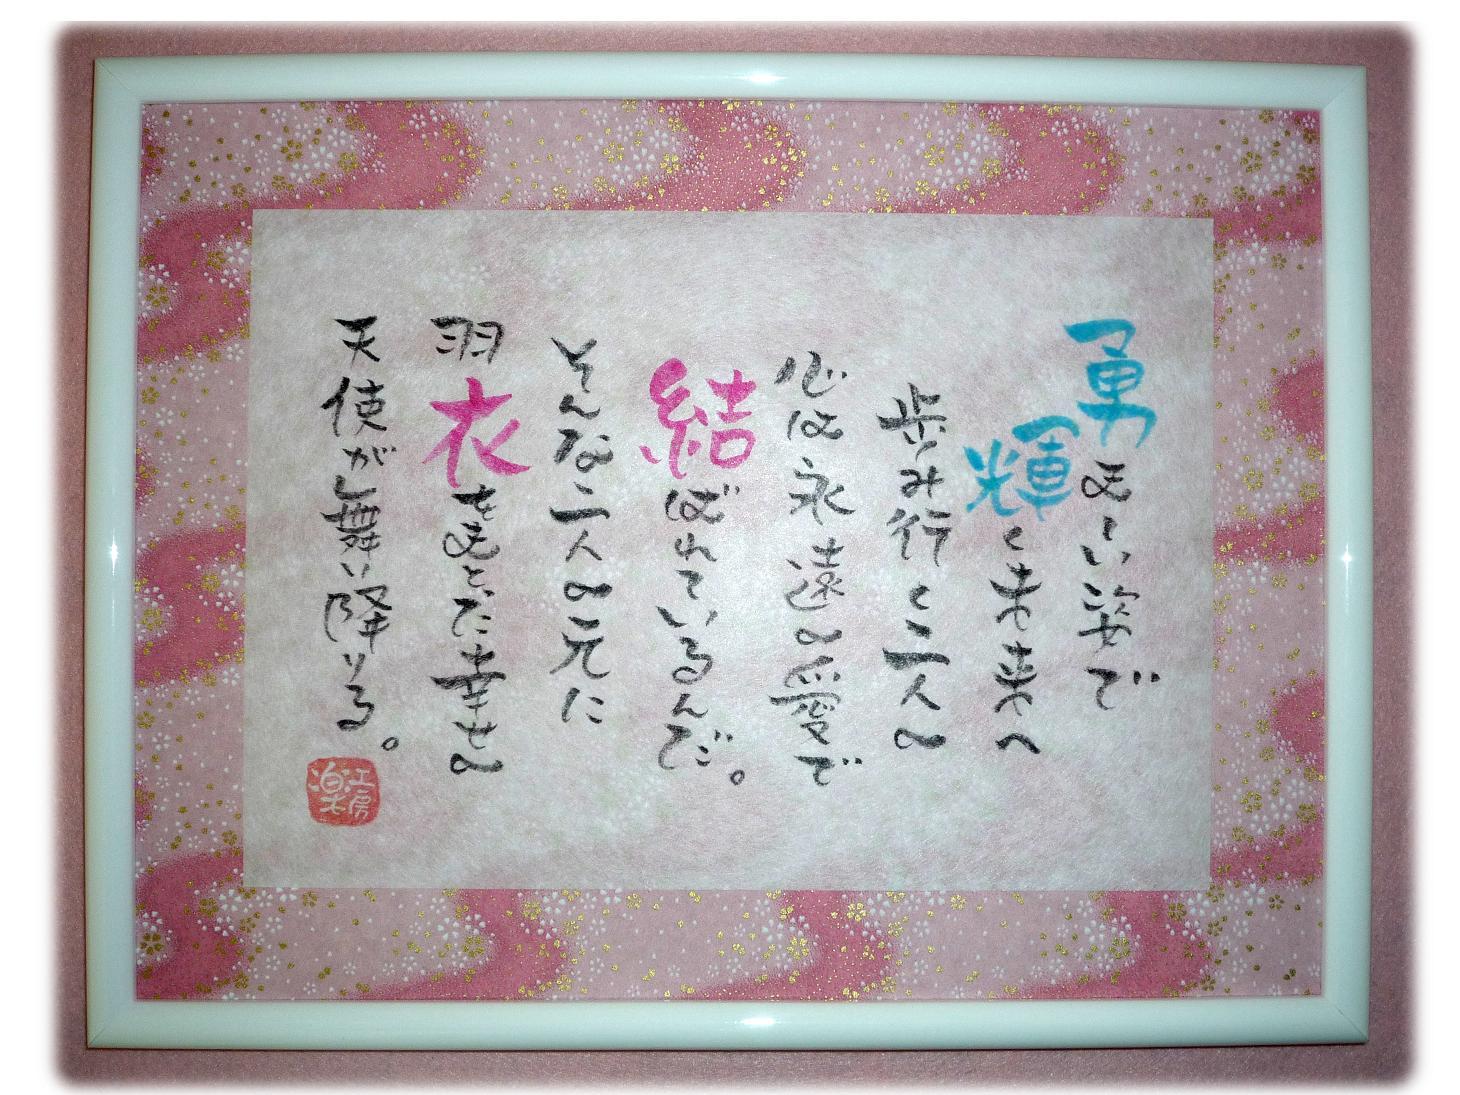 和柄タイプ(お一人~お二人様用) お名前工房 楽・ポエム・父の日・母の日・敬老の日・お誕生日・出産祝・結婚祝・新築(RAKU)